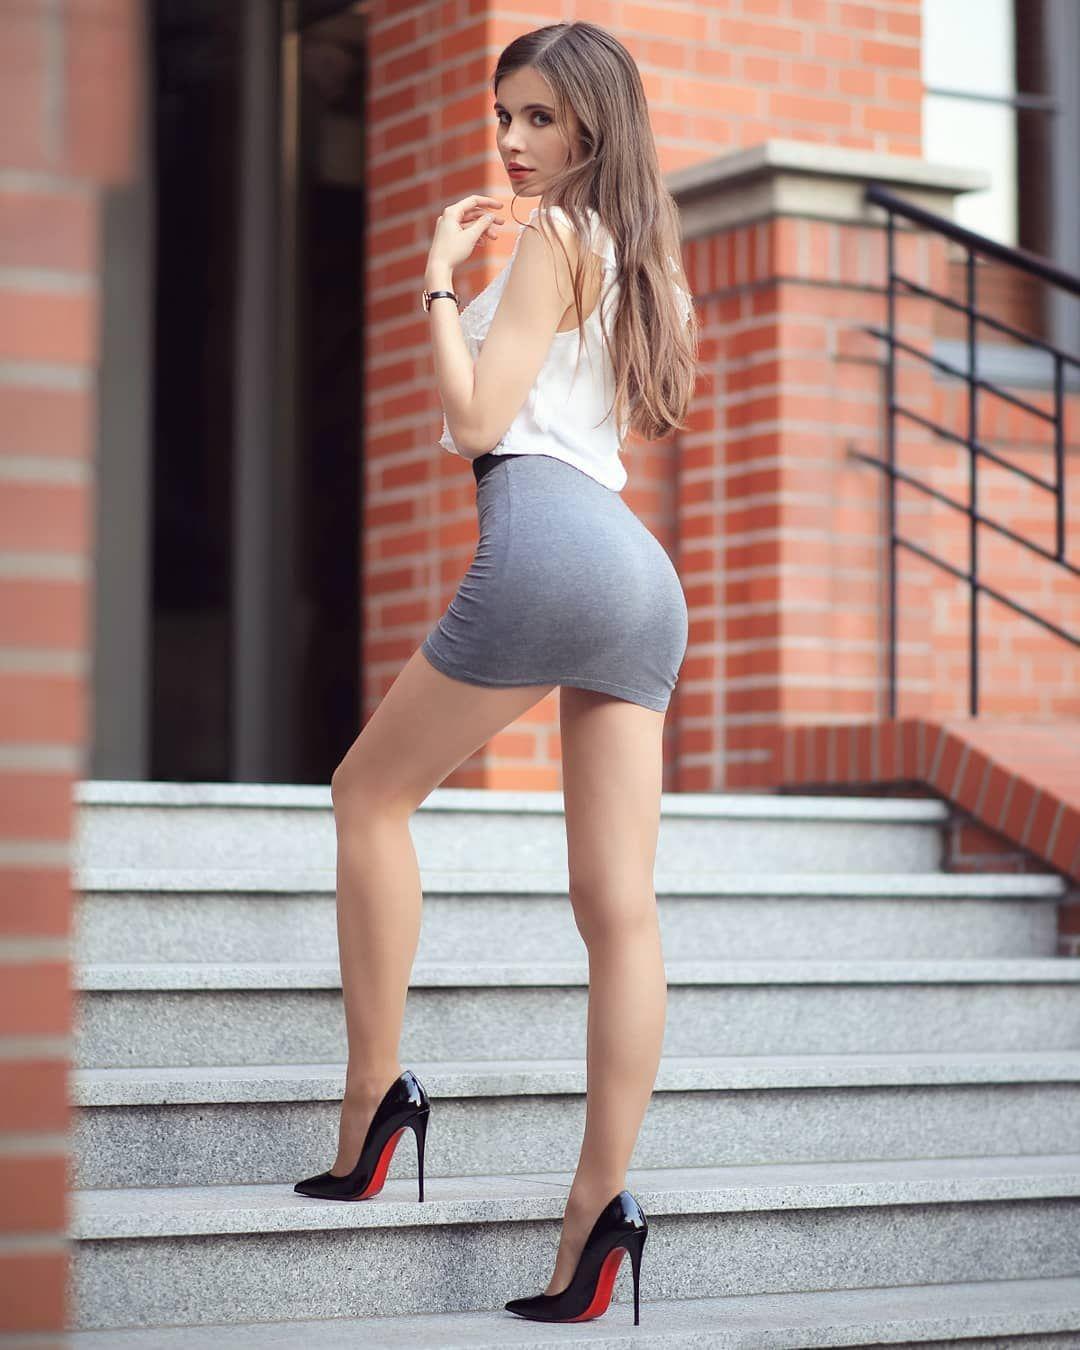 Izobrazhenieto Mozhe Da Sdrzha 1 Chovek Izpraven I Obuvki Fashion Mini Dress Short Skirts